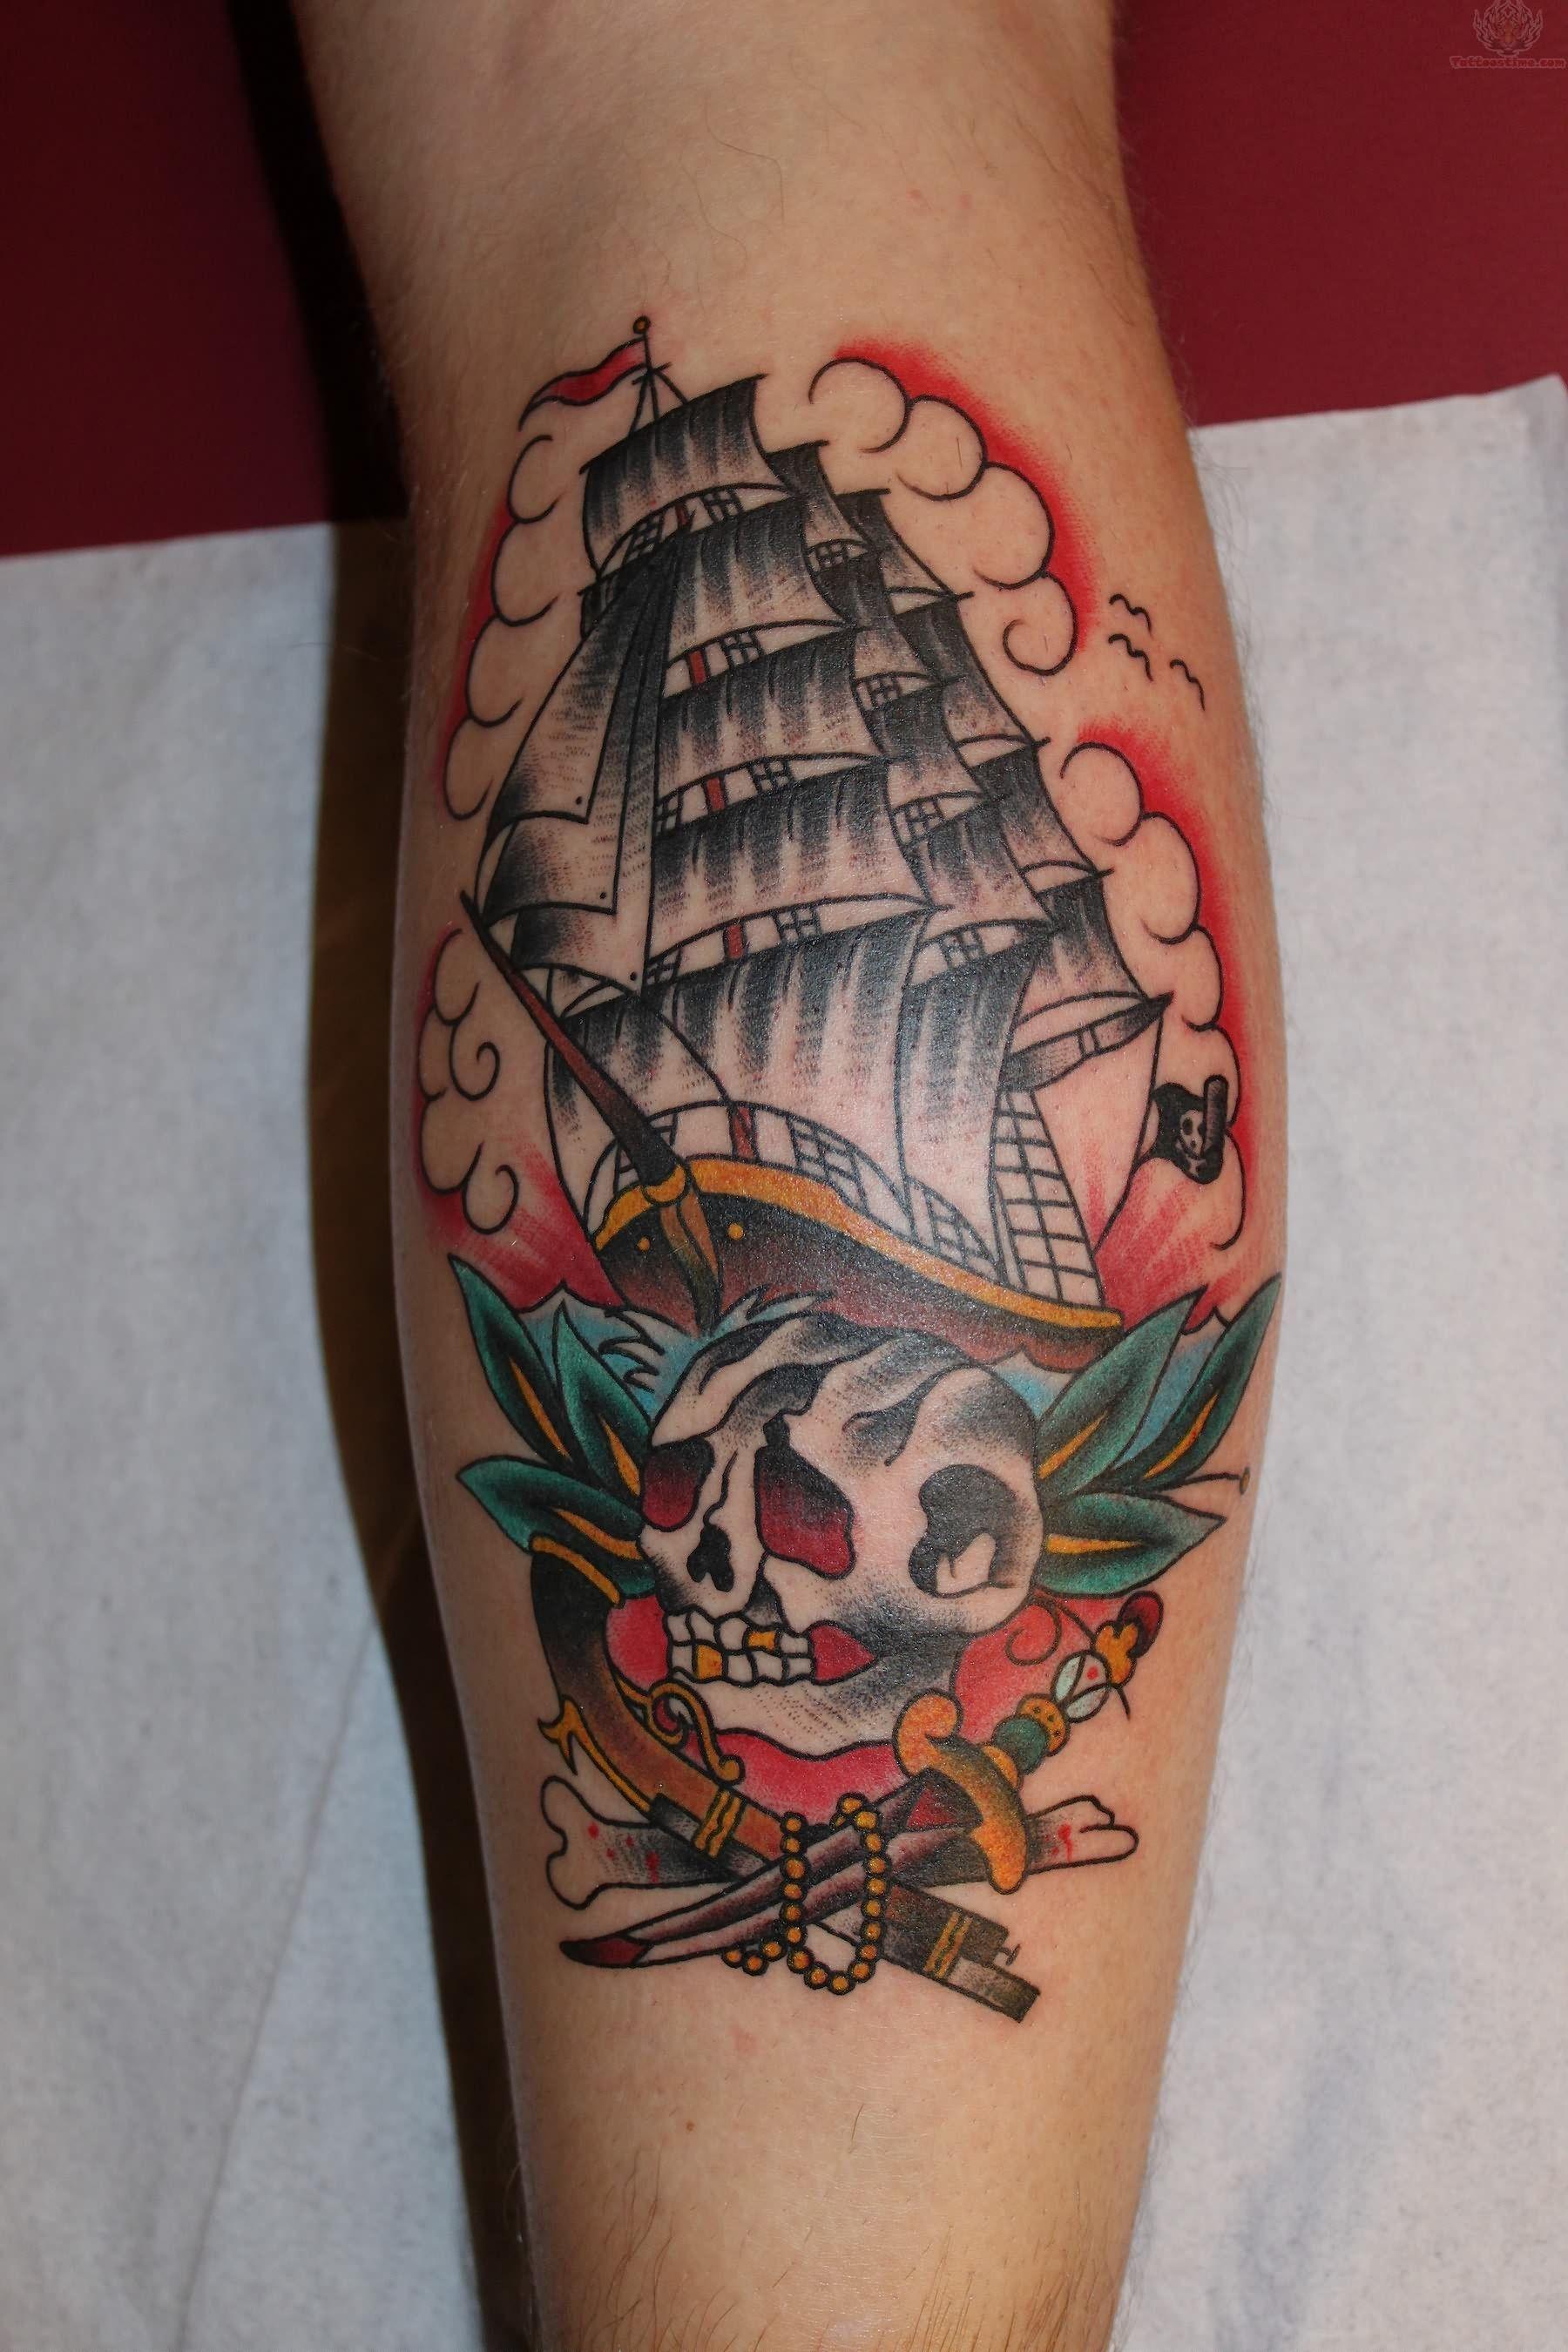 Old School Pirate Tattoos : school, pirate, tattoos, Traditional, Nautical, Tattoo, Tattoo,, Pirate